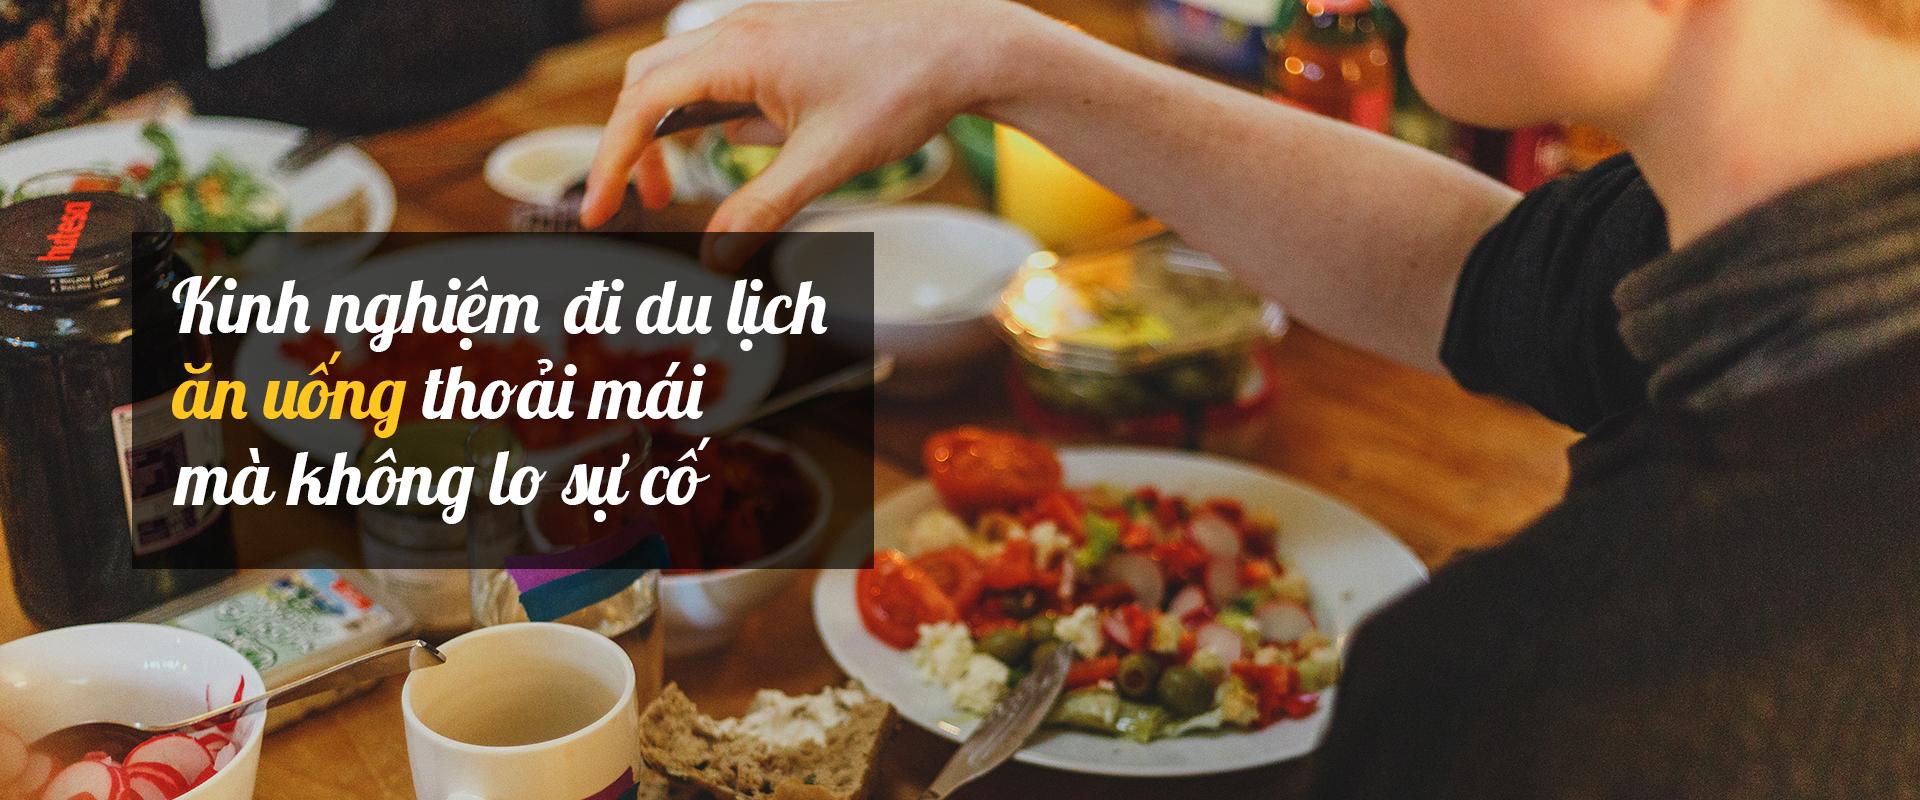 Kinh nghiệm đi du lịch ăn uống thoải mái mà không lo sự cố